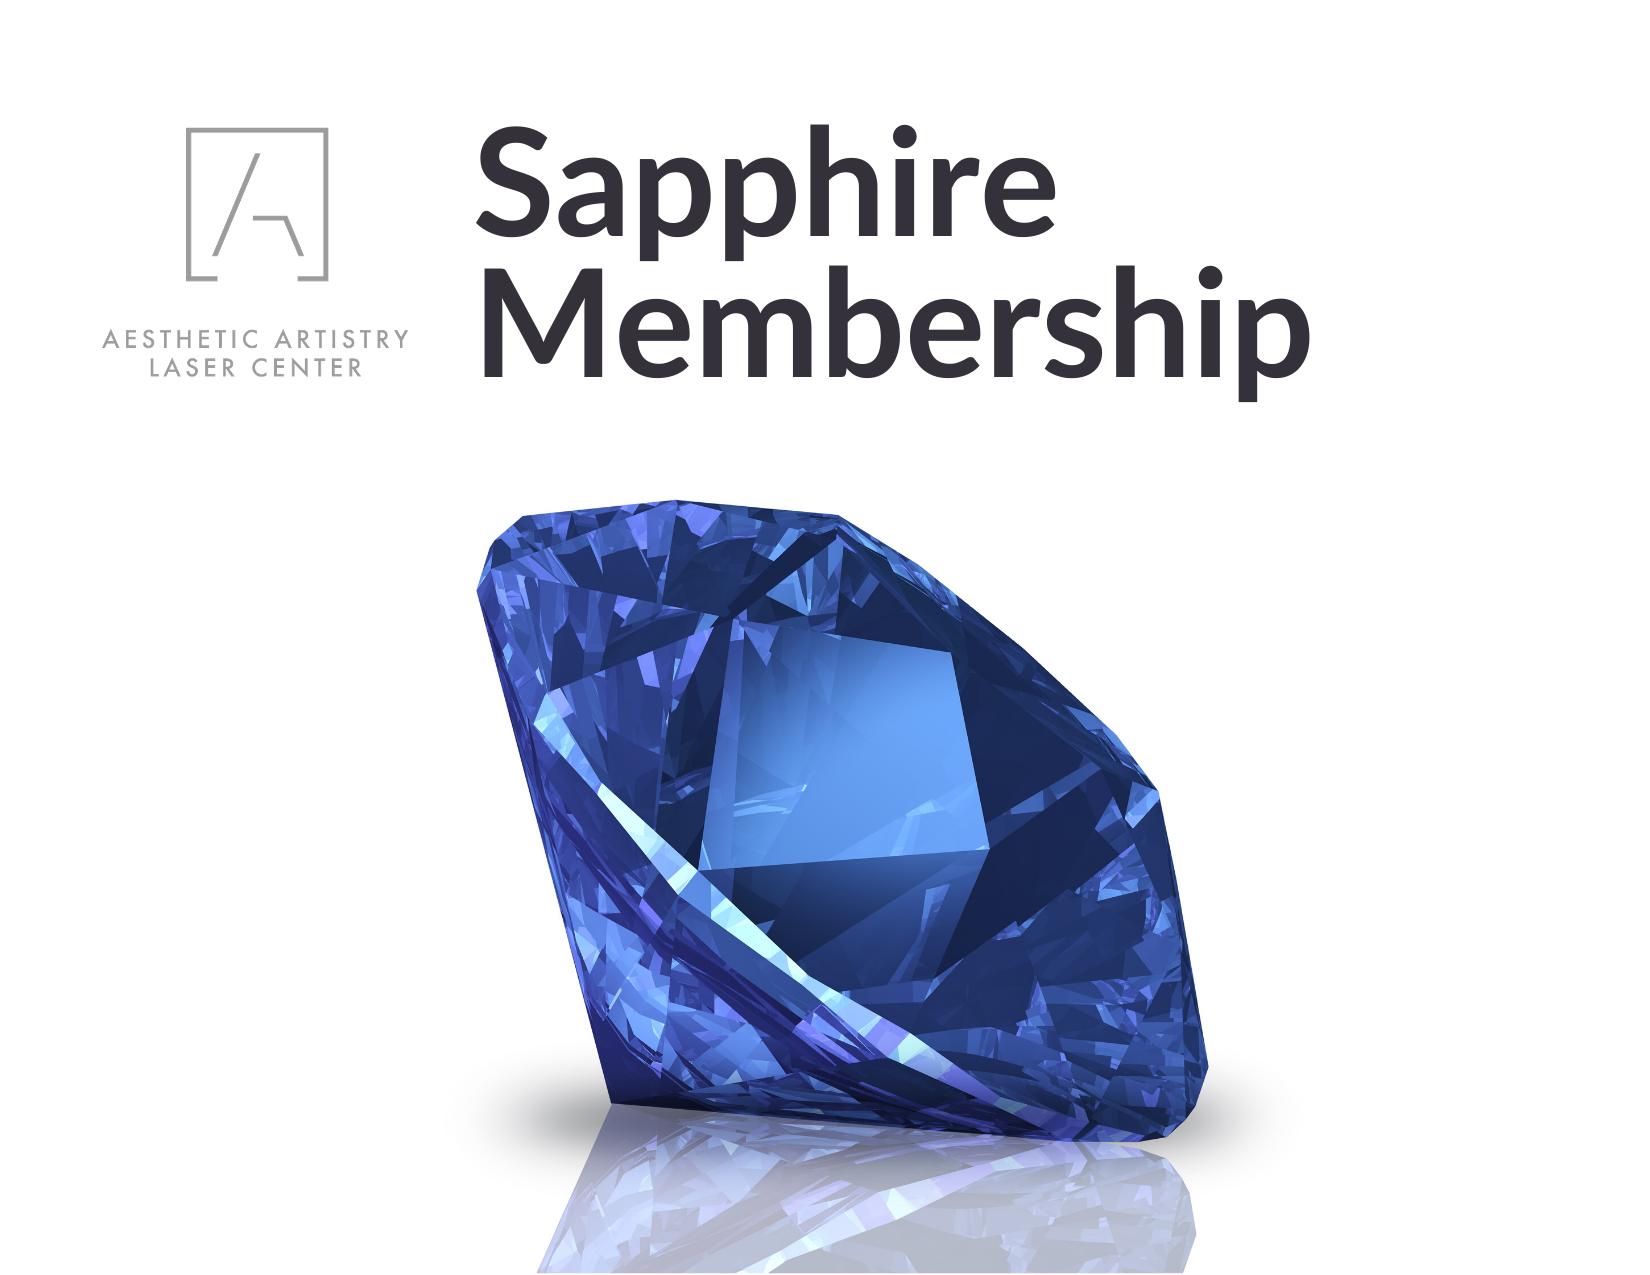 AALC Membership Club Sapphire Membership